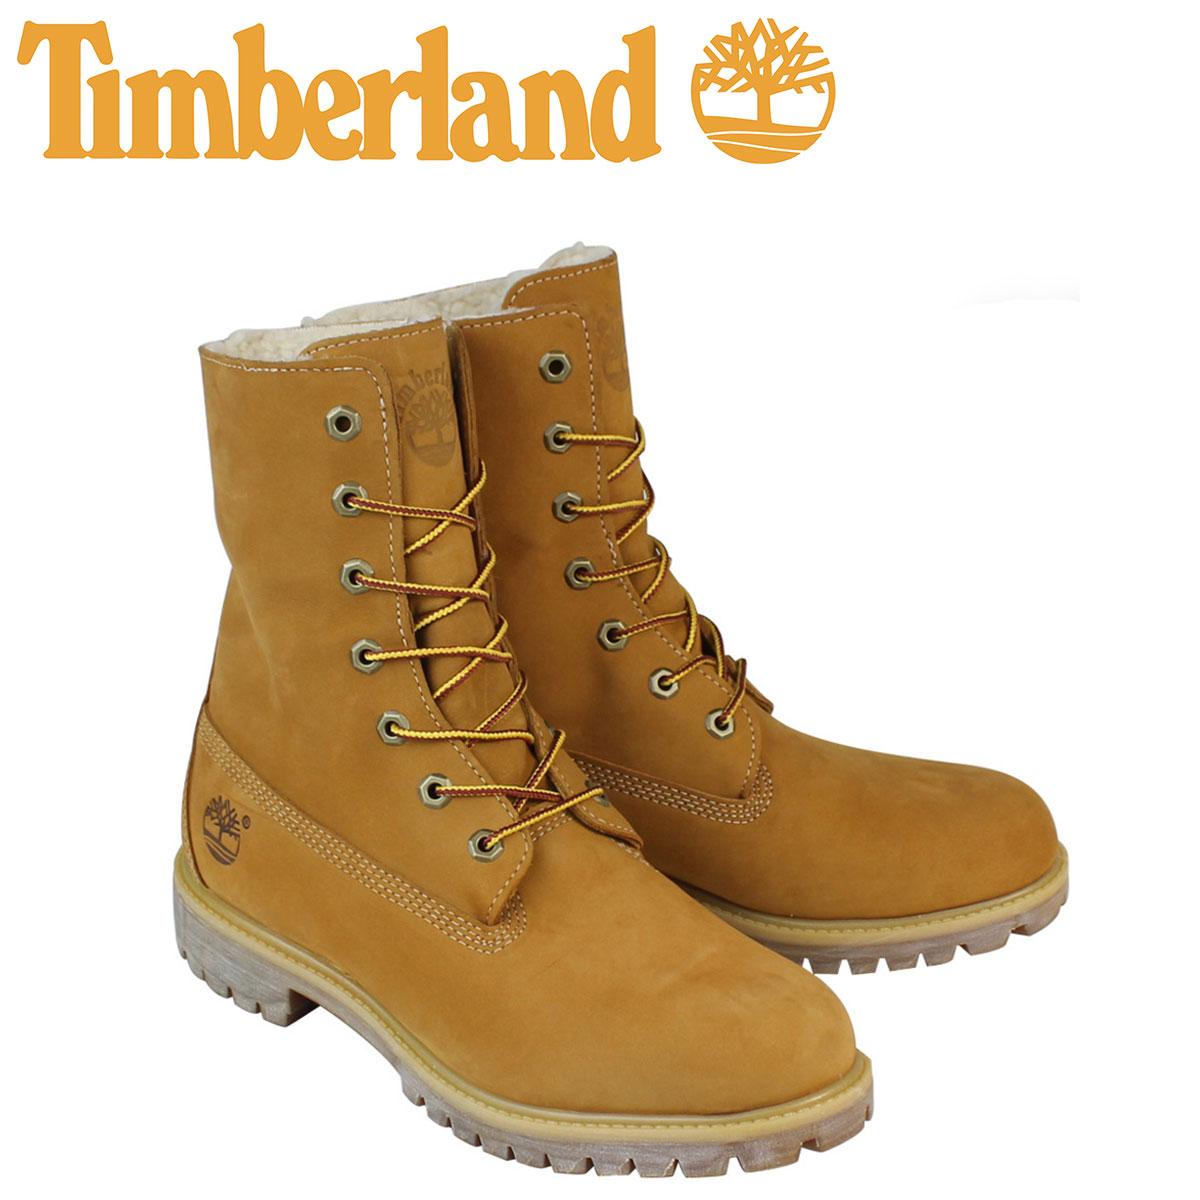 ティンバーランド ブーツ メンズ Timberland HERITAGE FOLD-DOWN WARM FLEECE LINED BOOT ヘリテージ フォルドダウン フリース ライン A118C ウィート